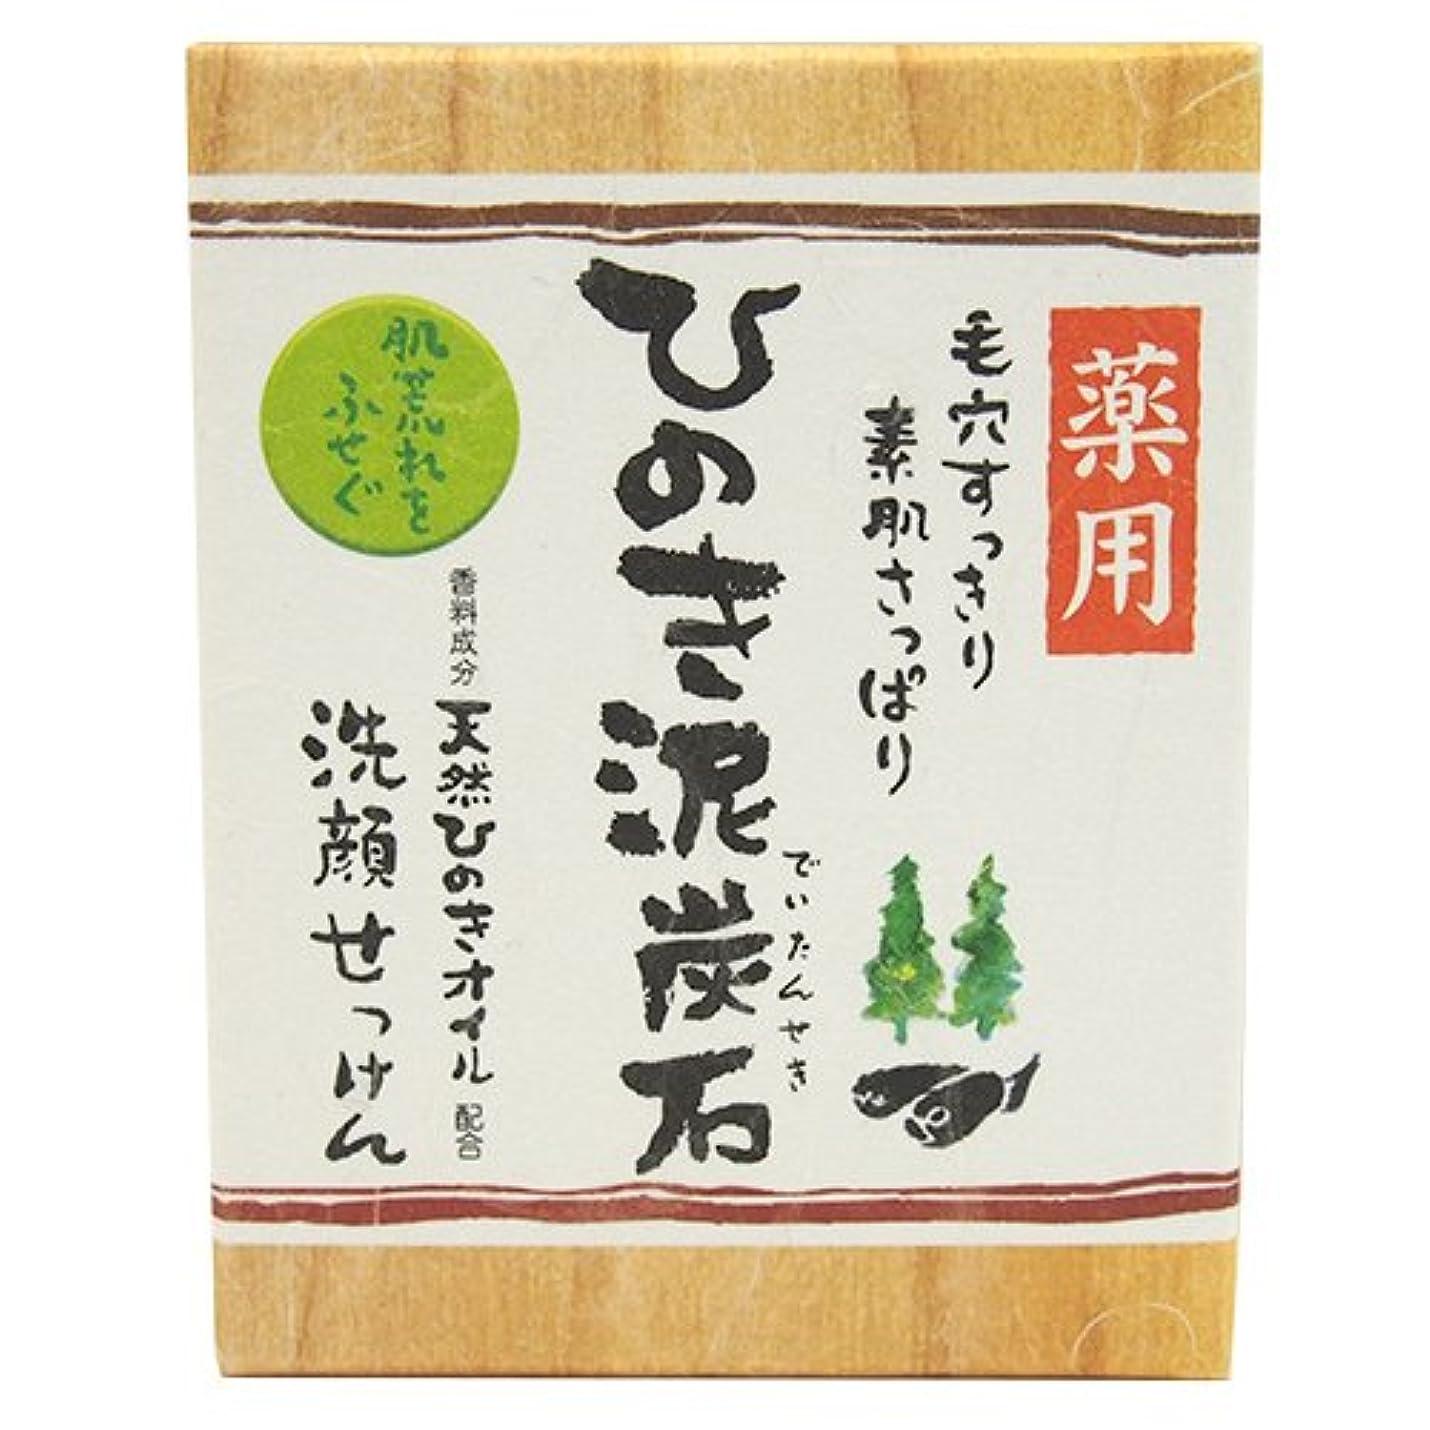 アレルギー性ドラッグ側溝東京宝 薬用ひのき泥炭石 すっきり黒タイプ 洗顔石鹸 75g